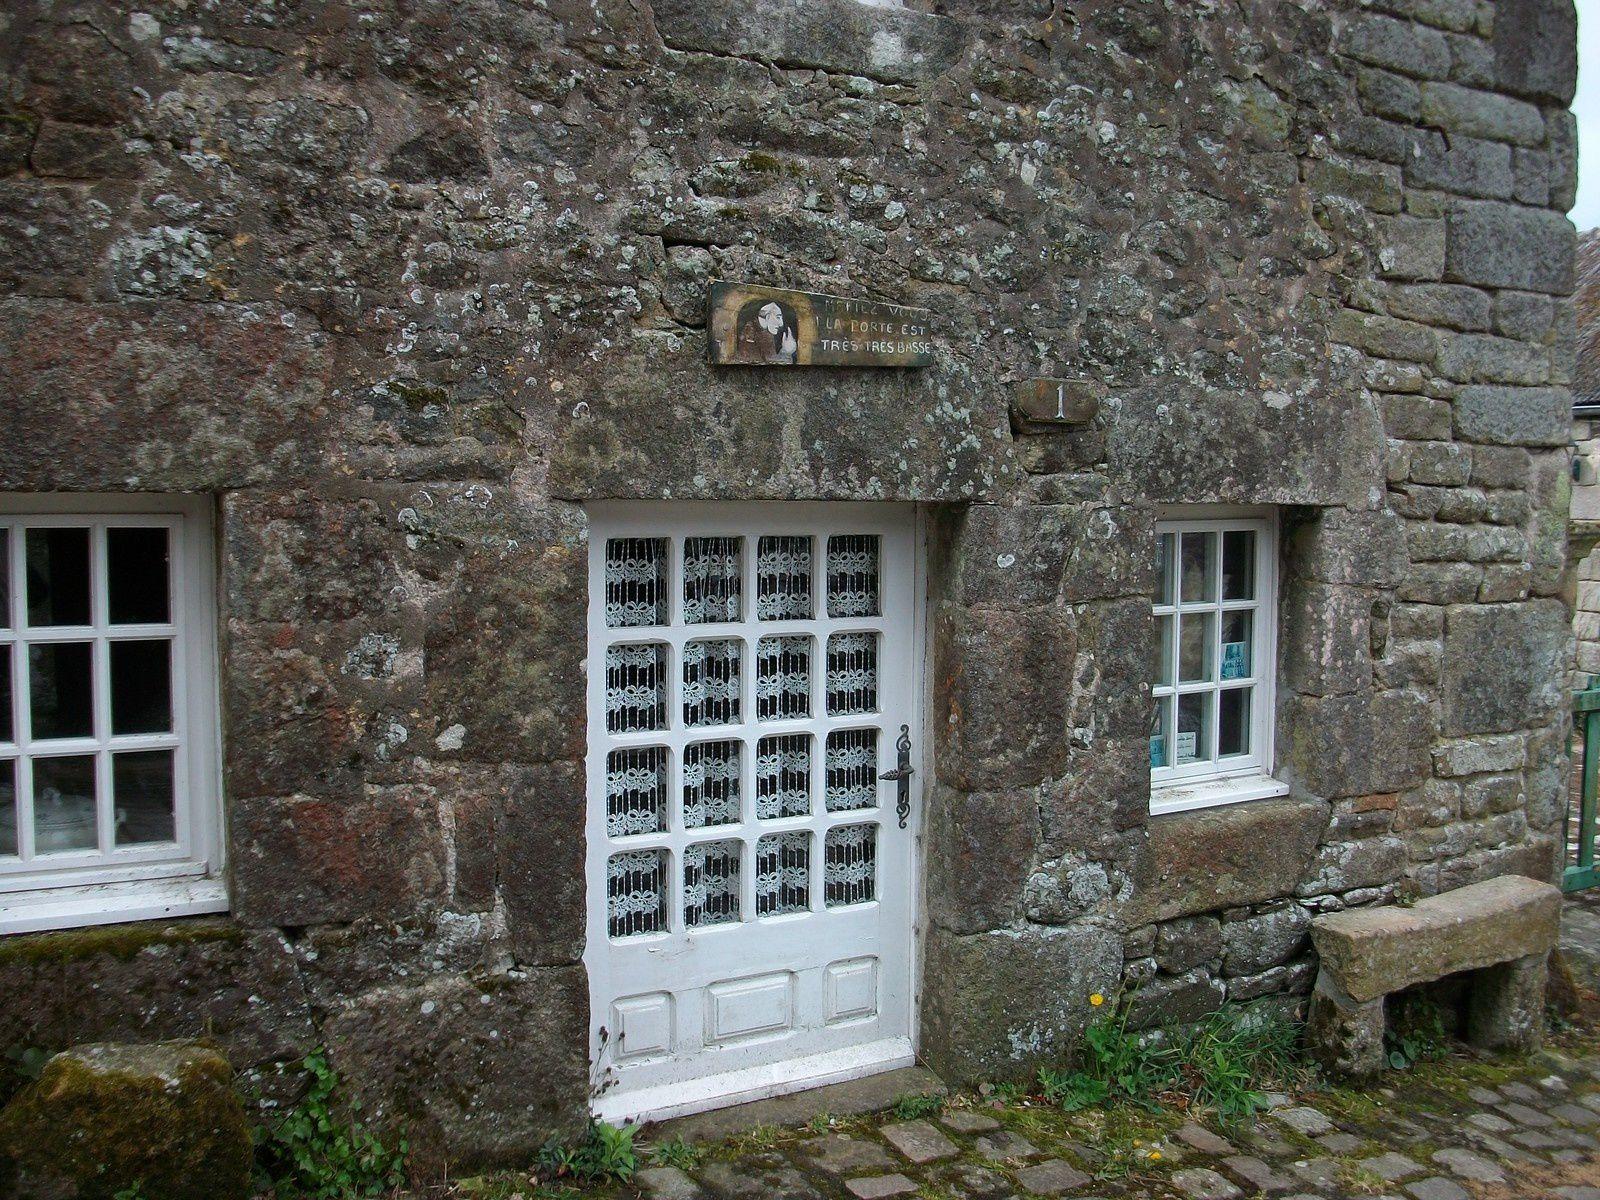 Nos vacances en Bretagne #1 ! La bretagne ça vous gagne...